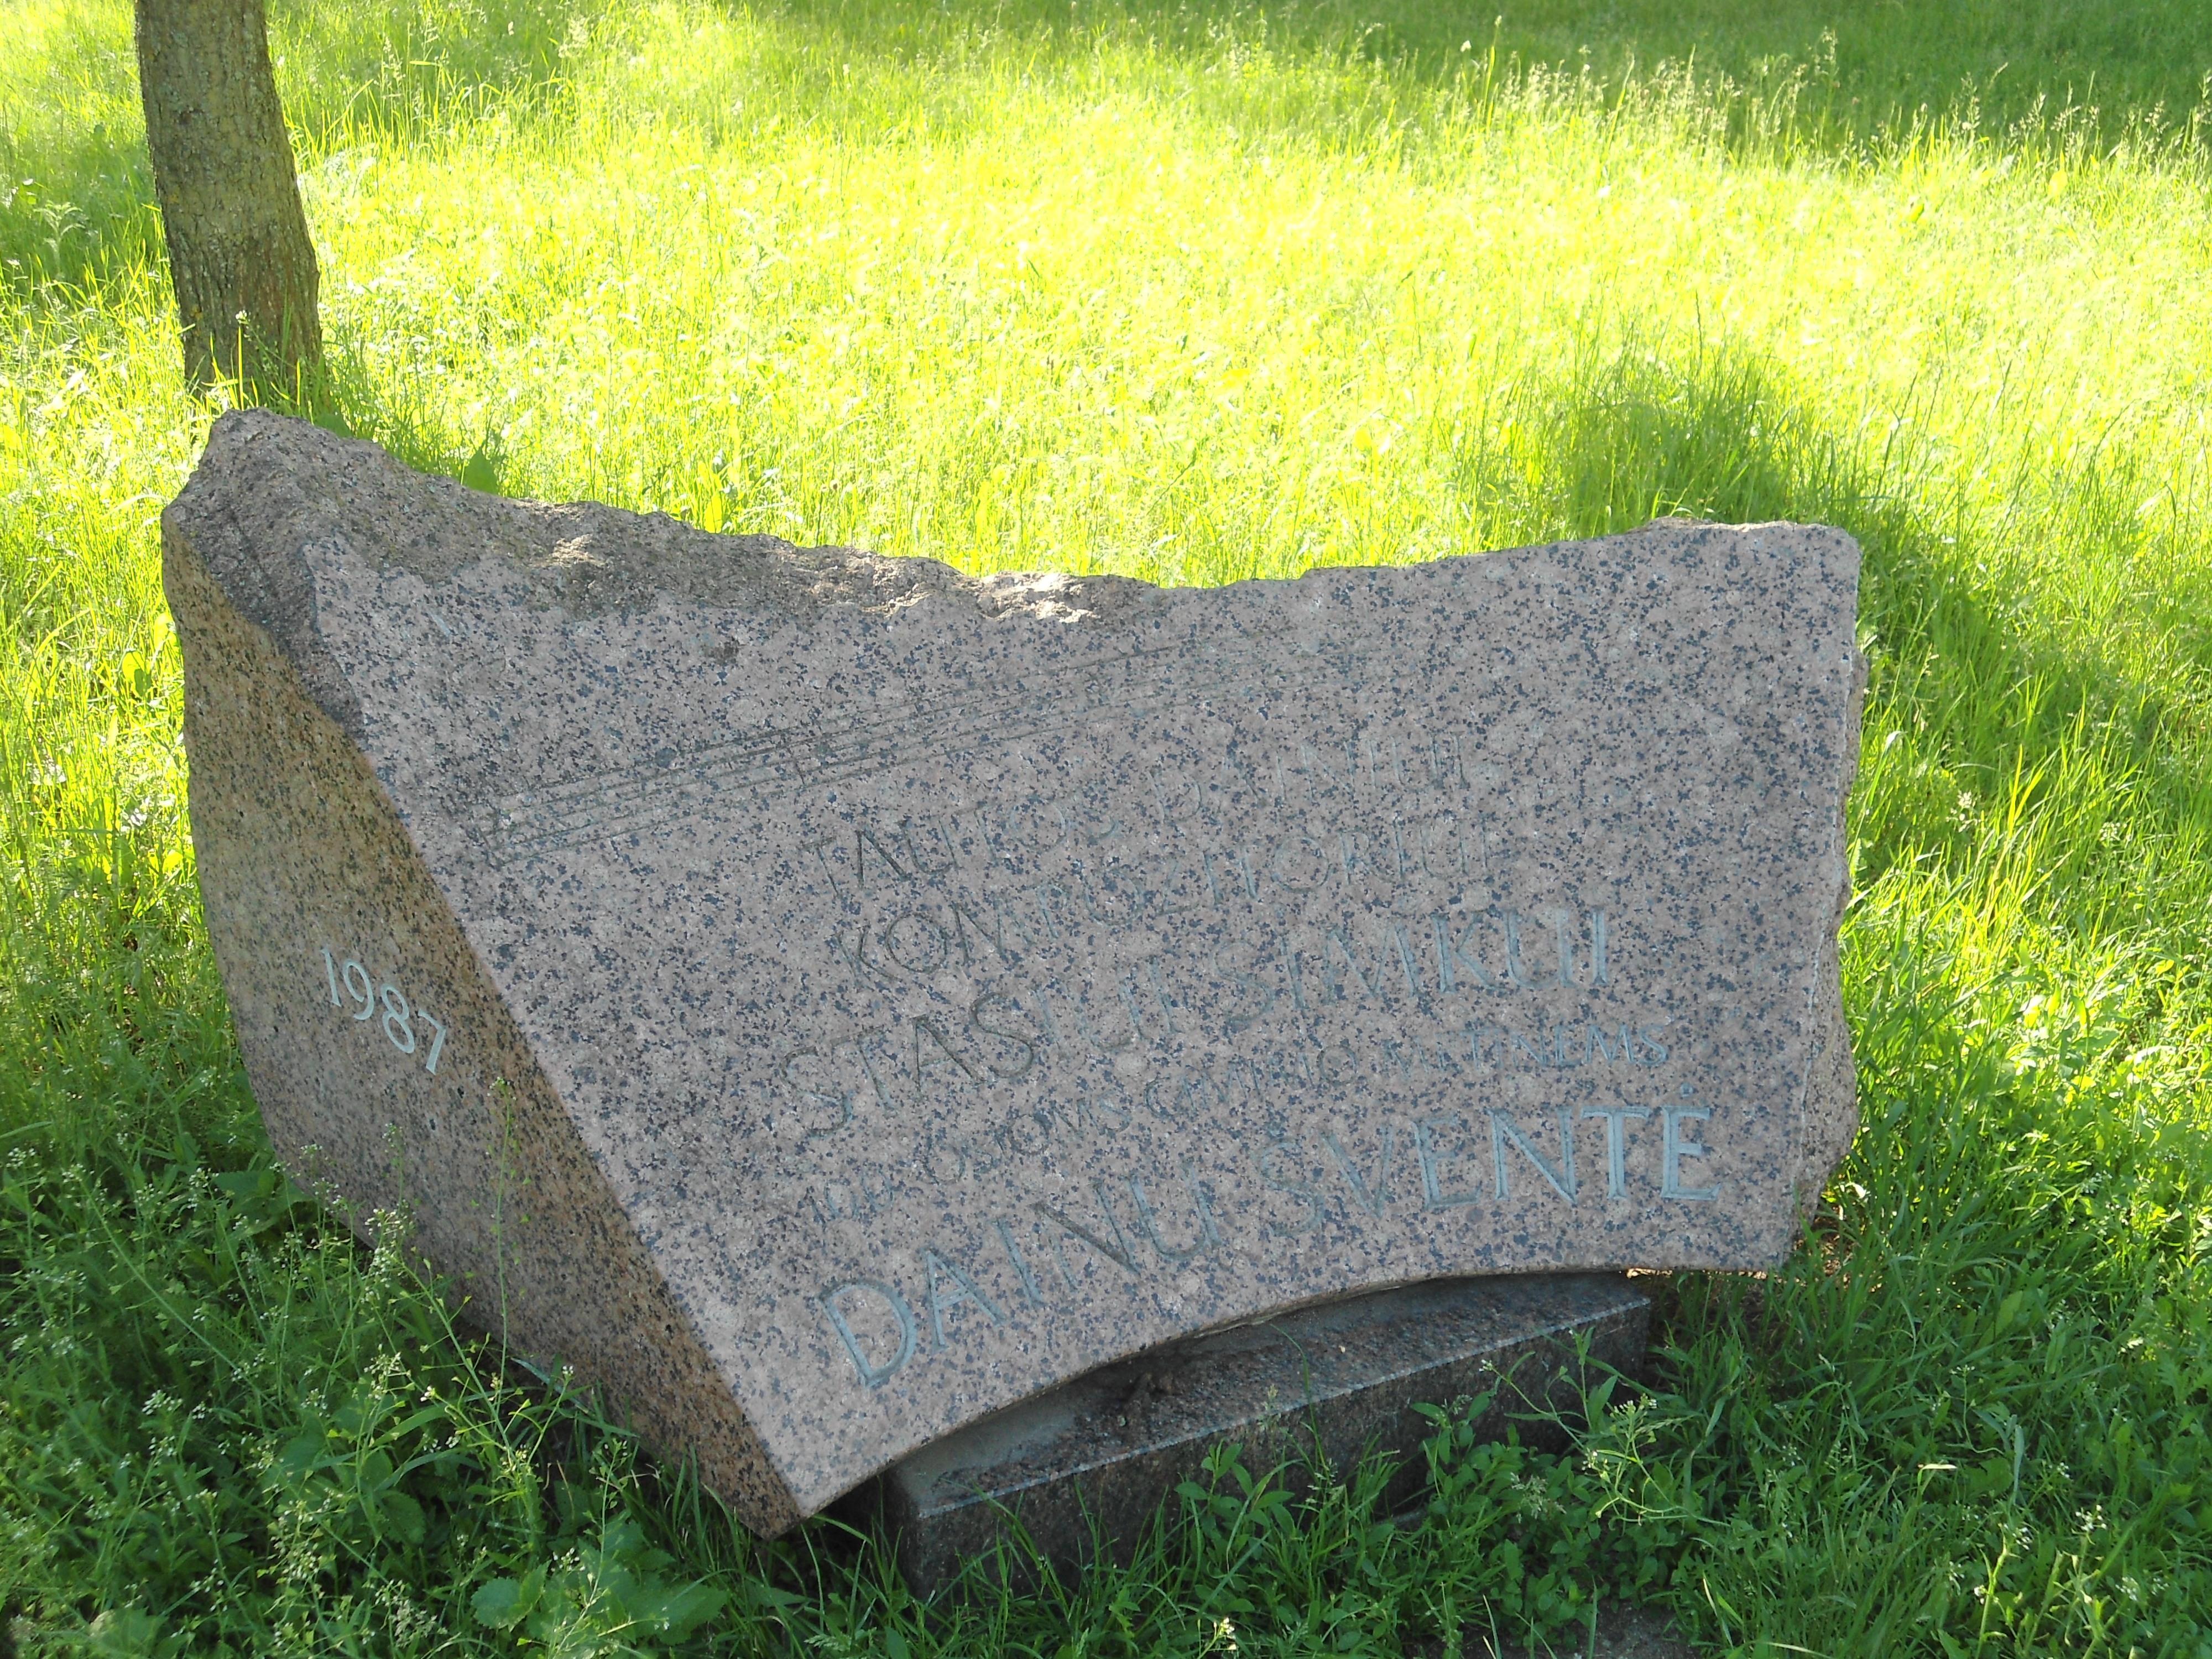 Jubiliejinis akmuo kompozitoriui Stasiui Šimkui